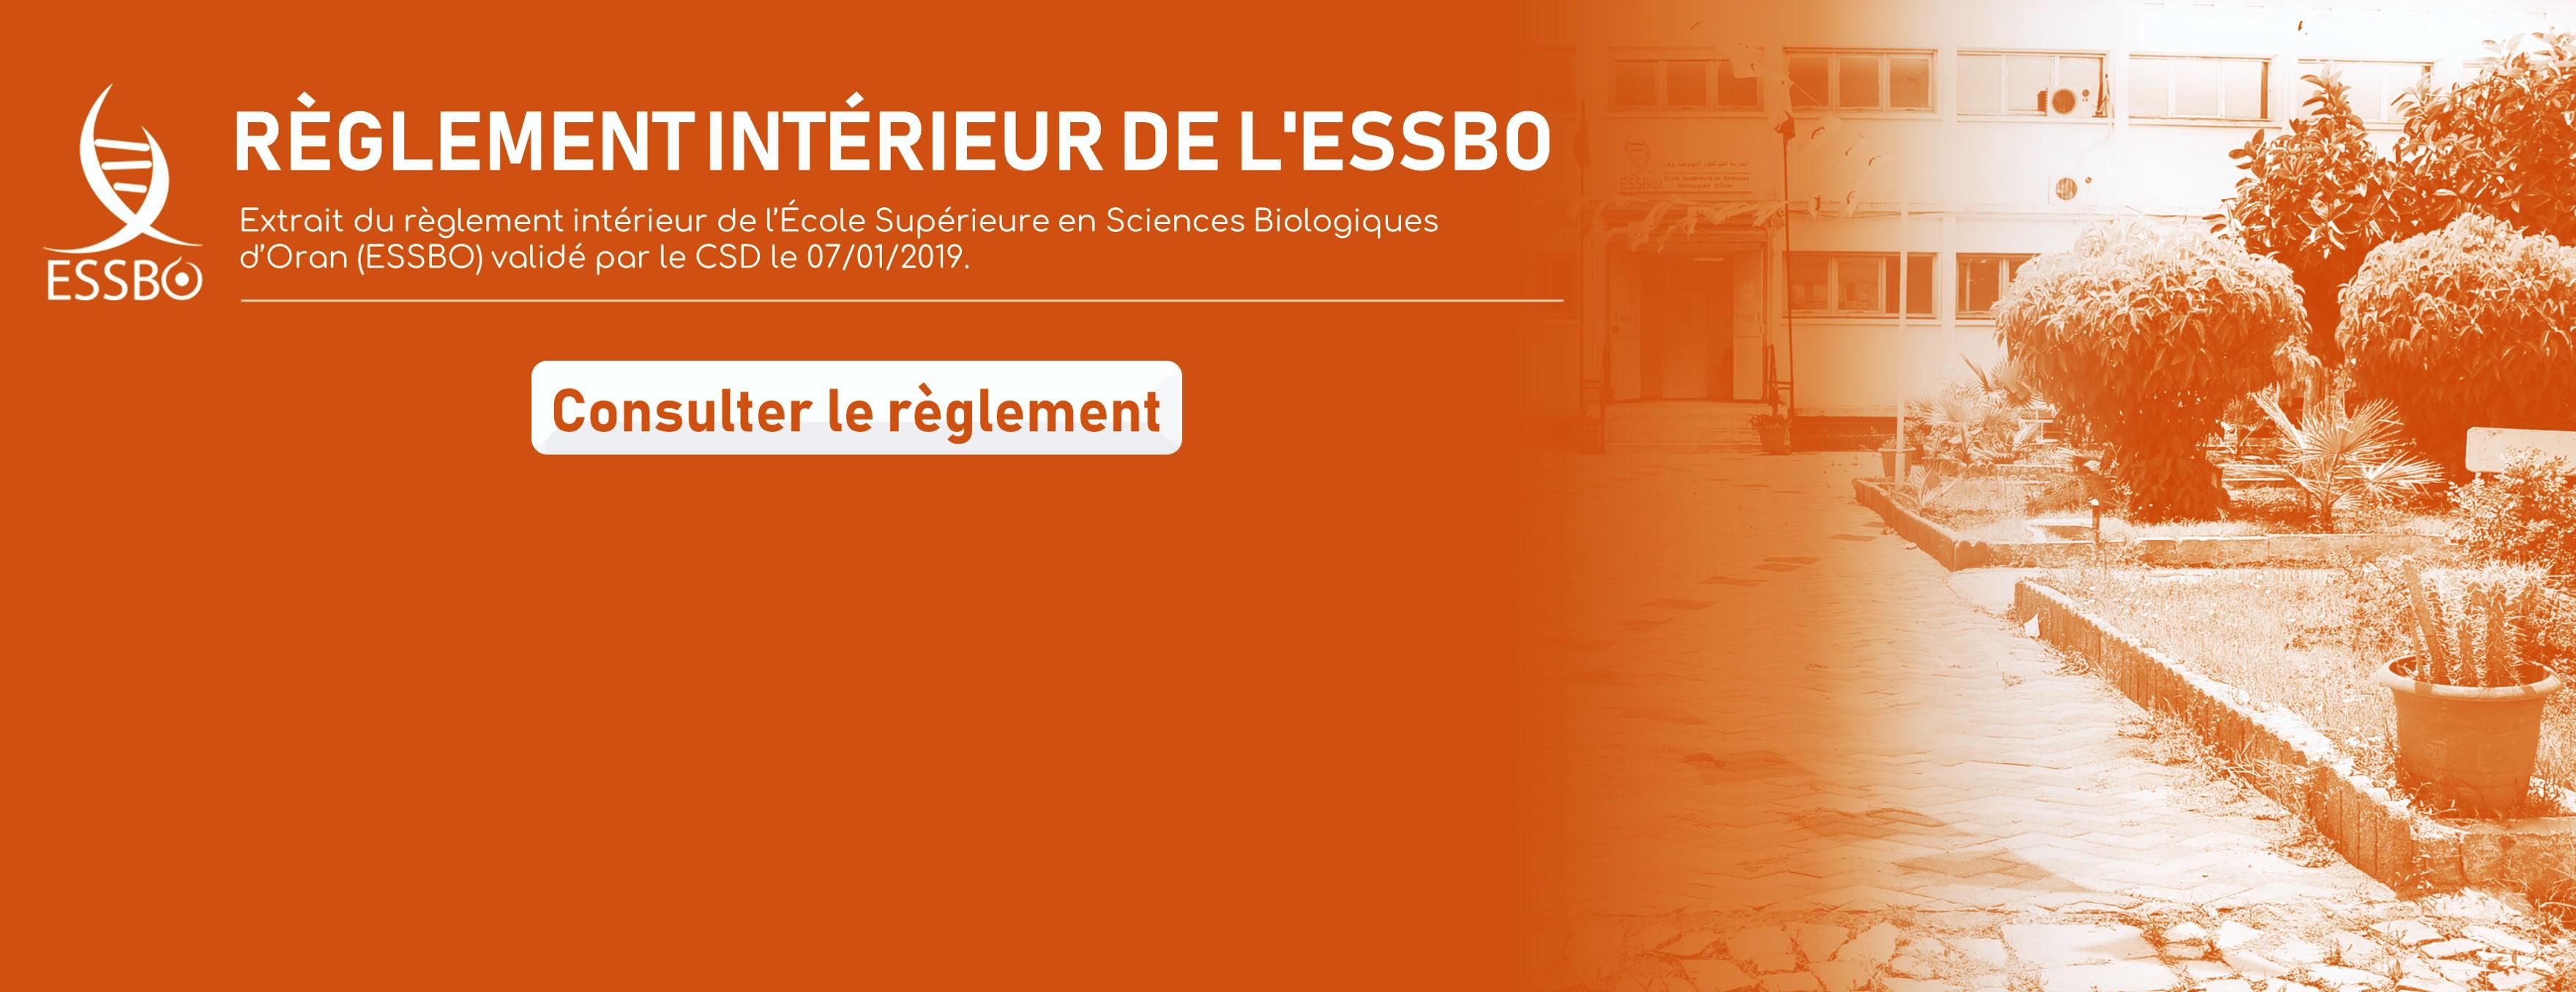 Règlement intérieur de l'ESSBO